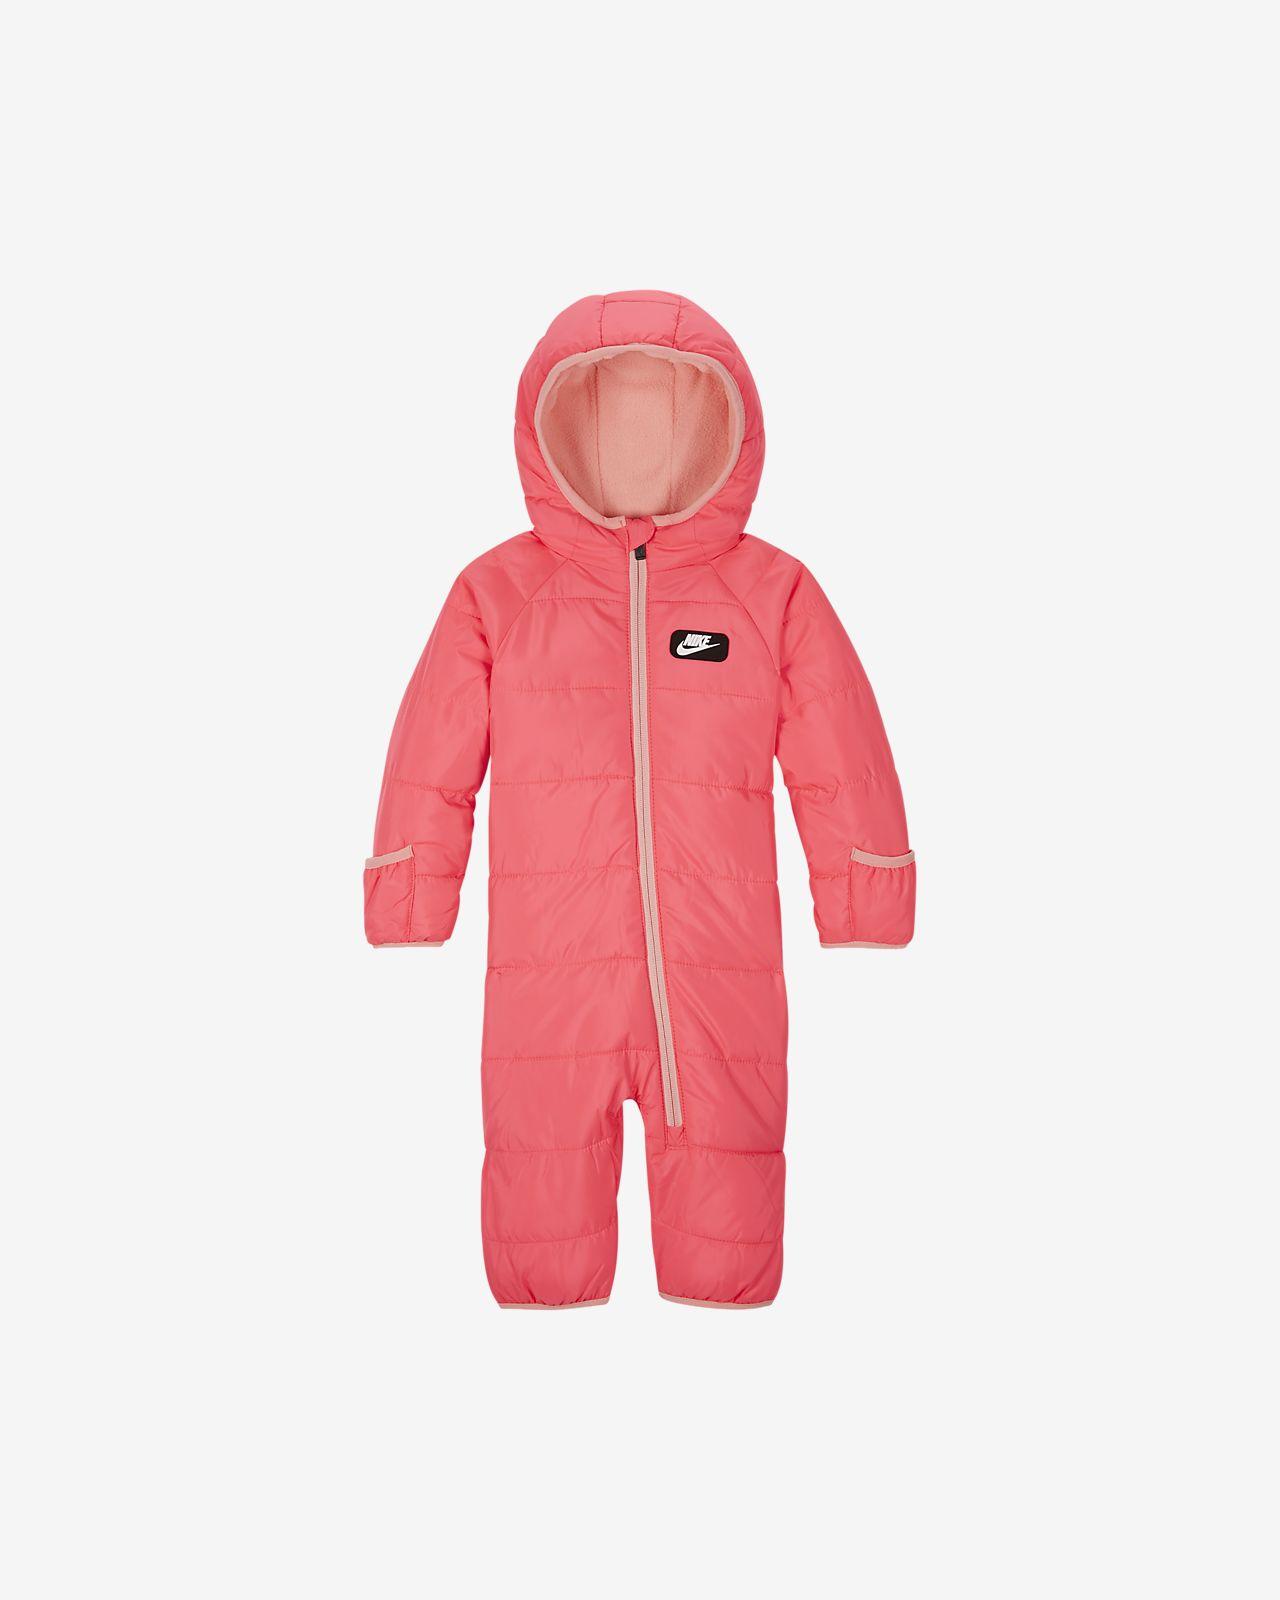 Combinaison de ski rembourrée Nike pour Bébé (0 - 9 mois)